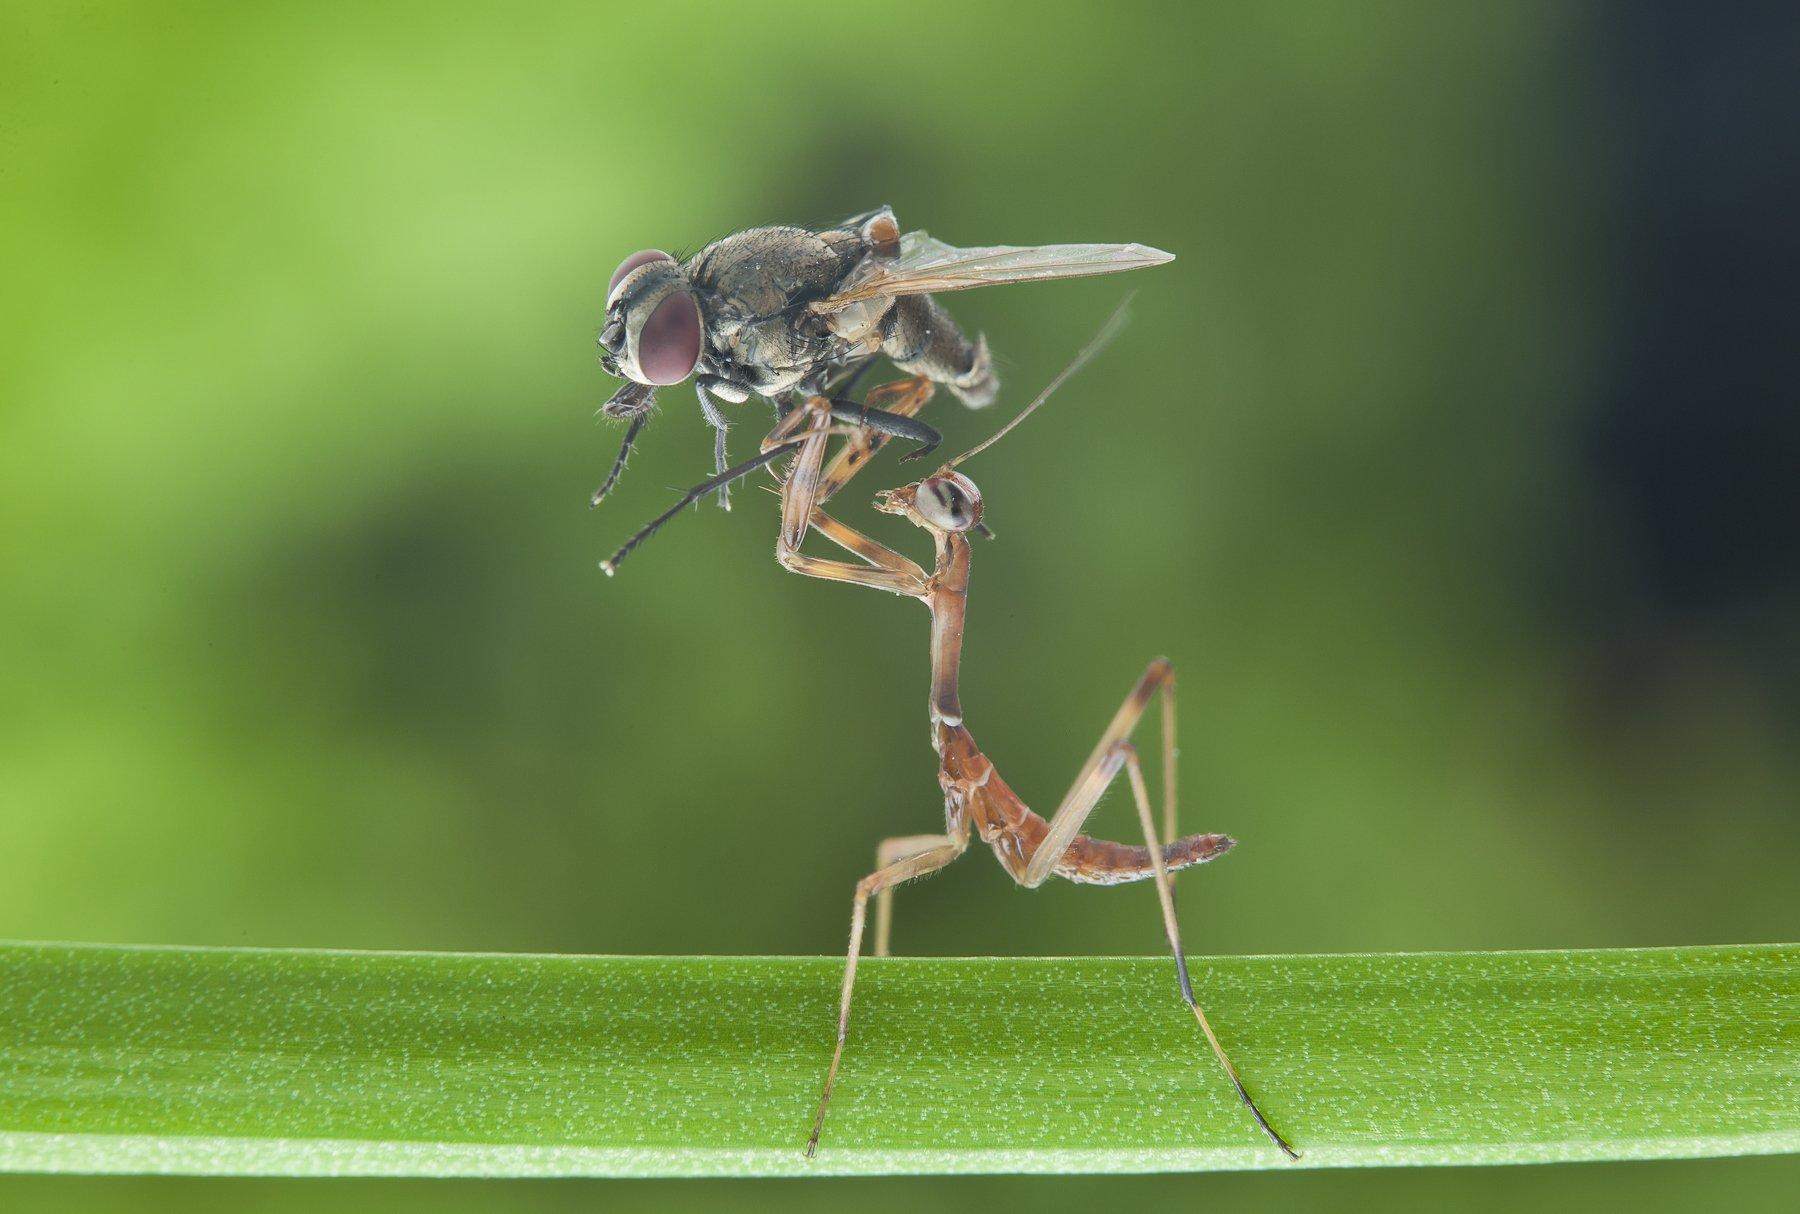 #mantis#macro#colors#prey, Lim Choo How